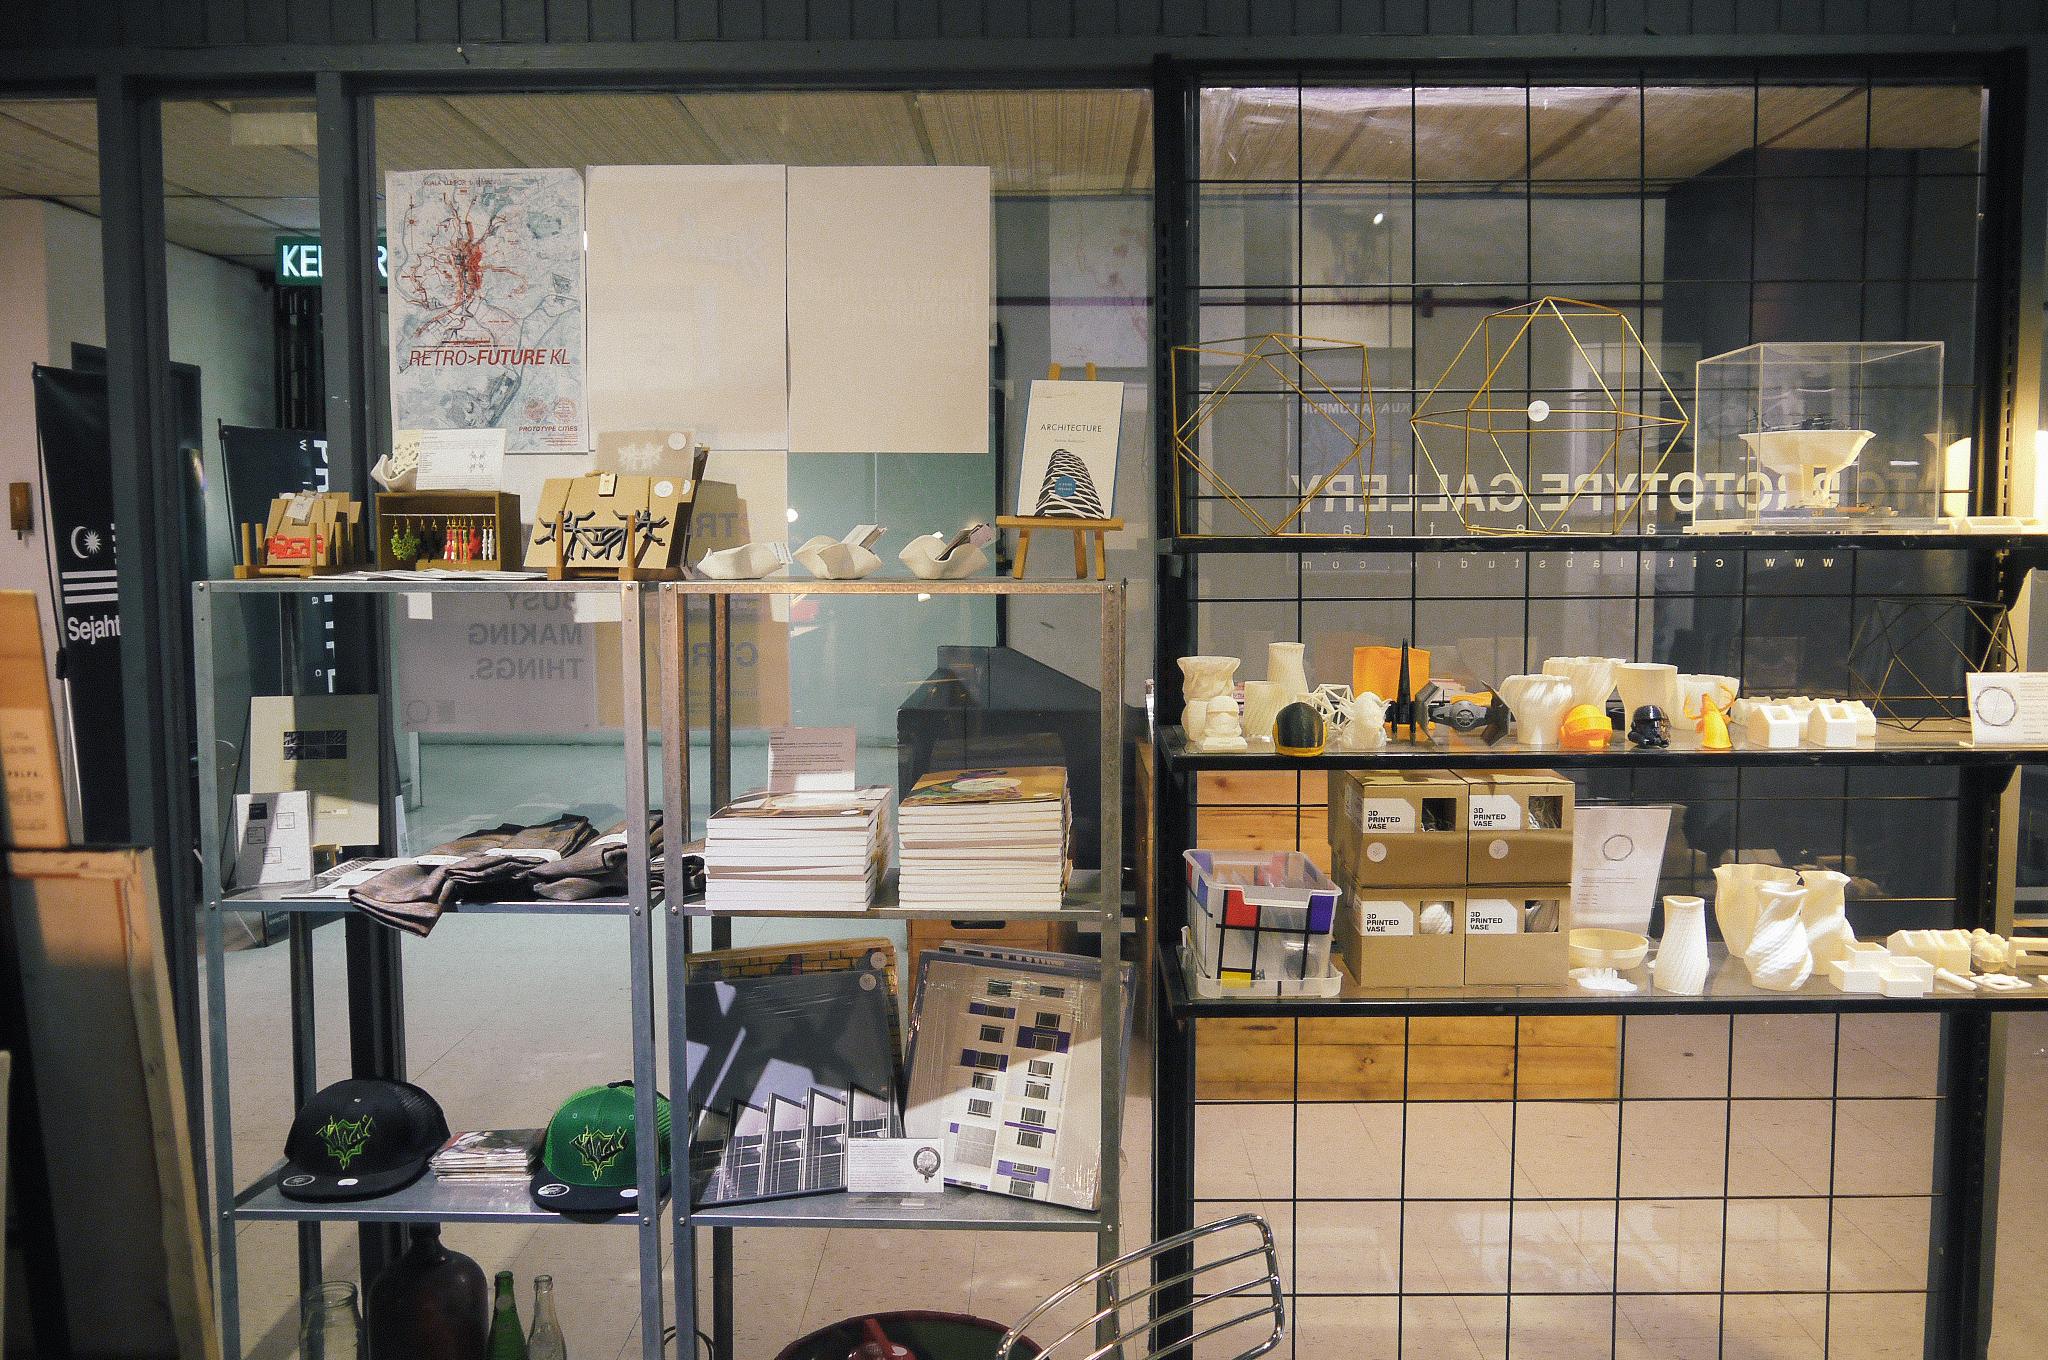 Prototype Gallery